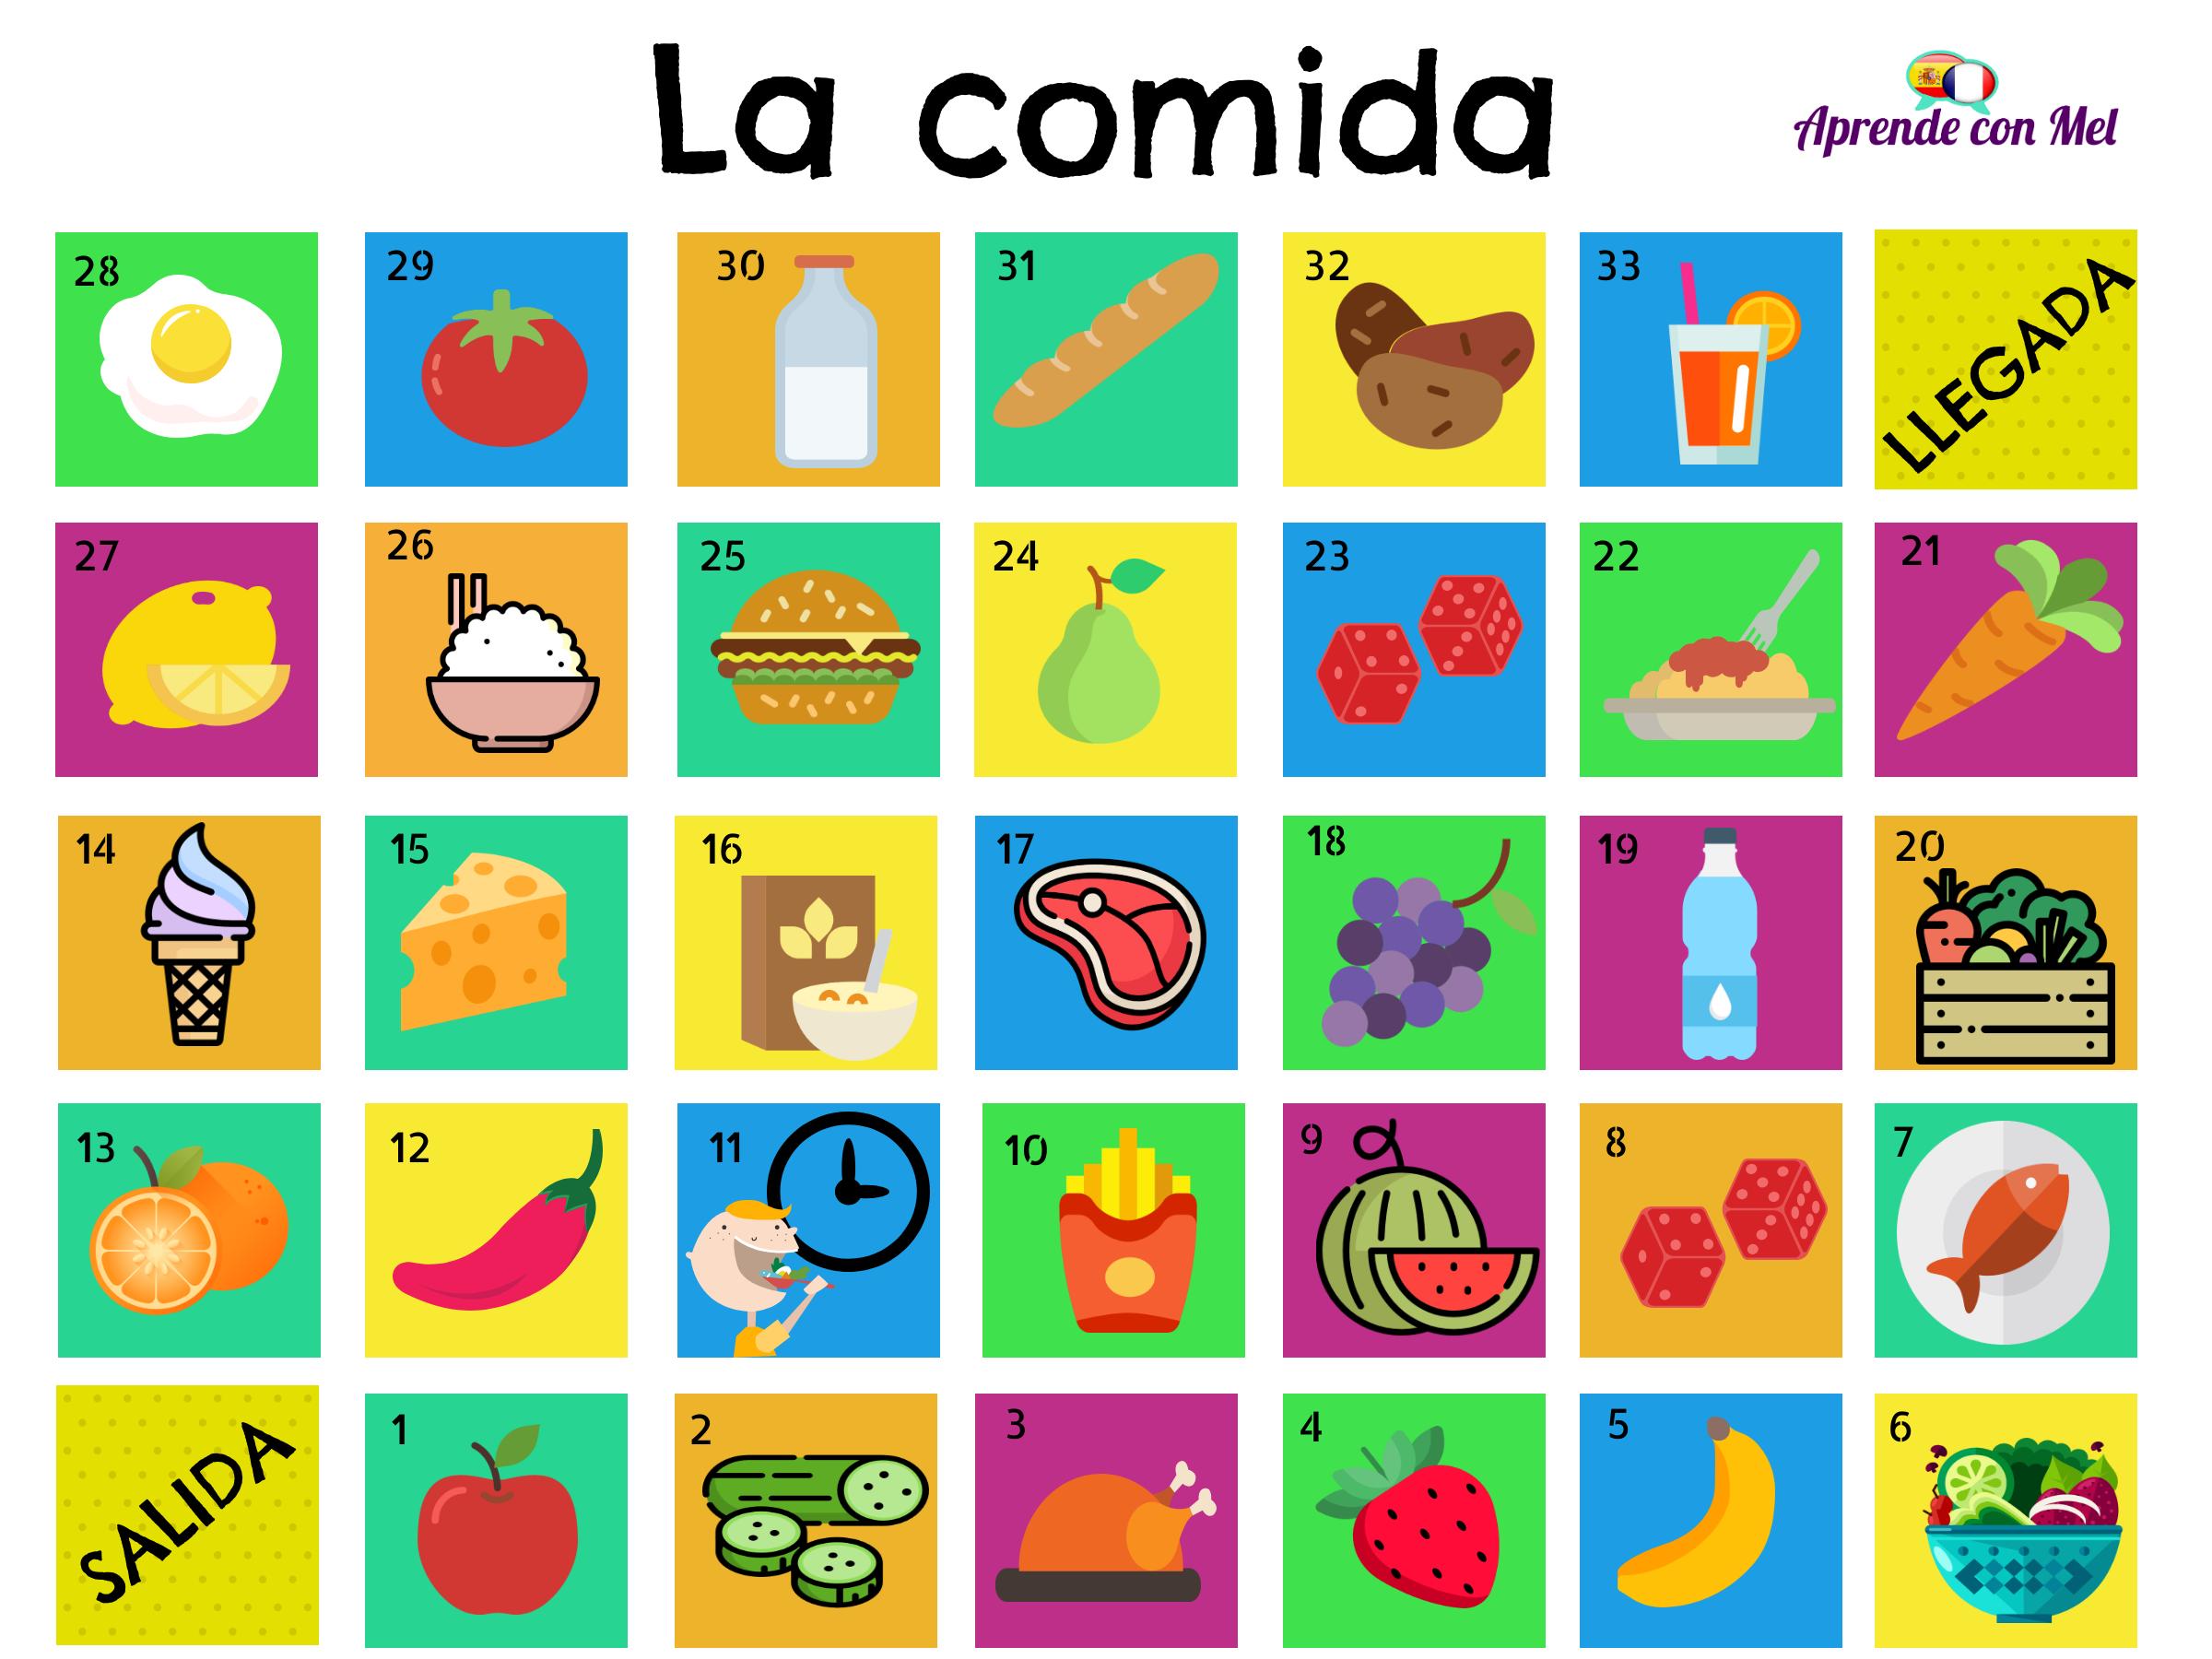 Juego Para Practicar El Vocabulario De La Comida Vocabulario Juegos De Lenguaje Verbo Tener